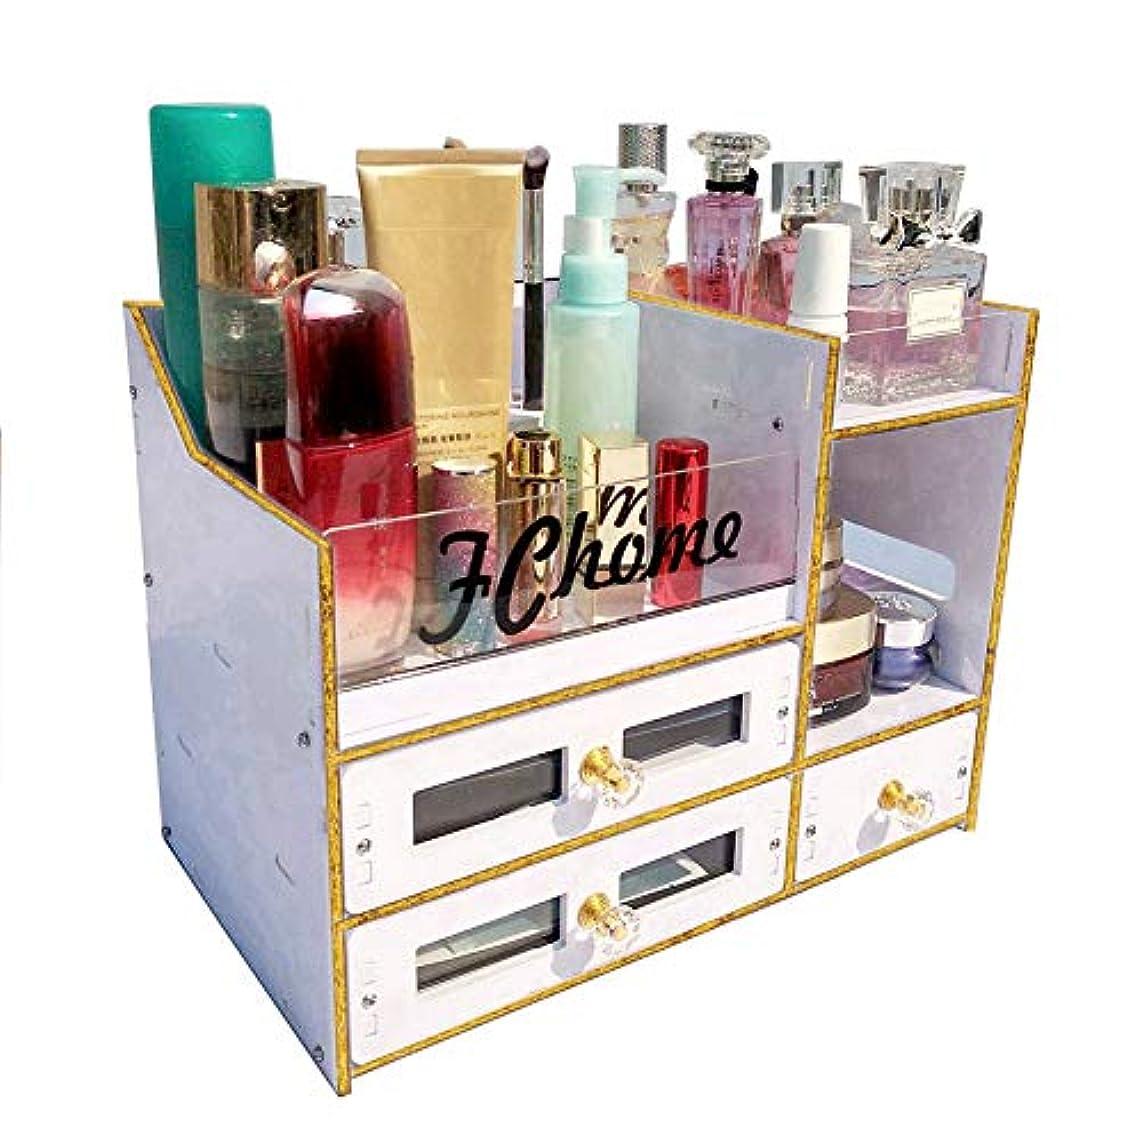 支払い悪化させる交換FChome化粧品収納ボックス引き出しアクリルPVCジュエリー化粧品収納ラック大容量化粧収納ボックスセット、ゴールド